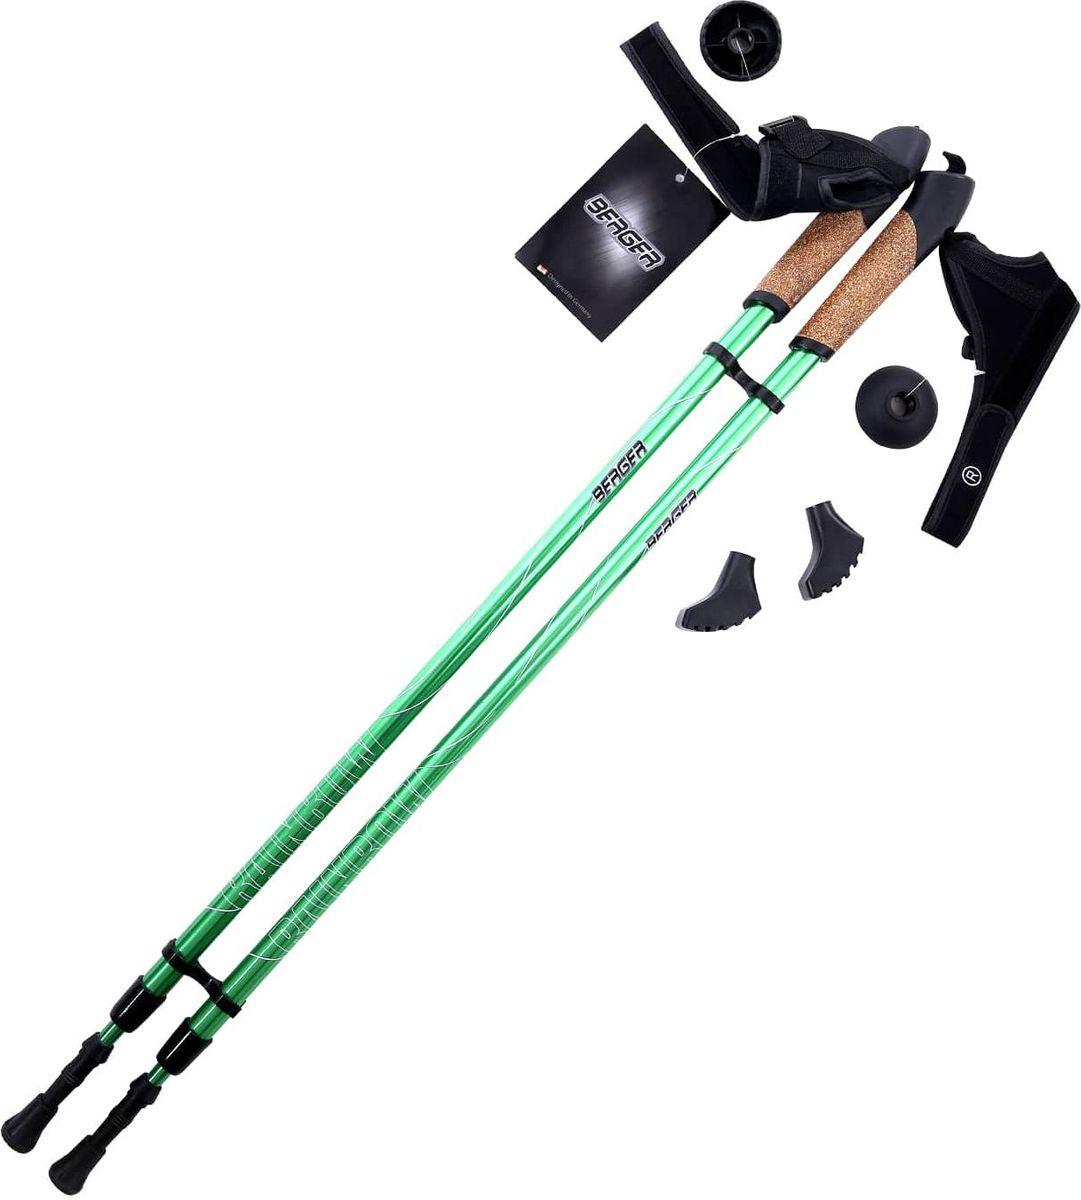 Палки для скандинавской ходьбы Berger  Rainbow , двухсекционные, цвет: зеленый, 86-140 см - Скандинавская ходьба